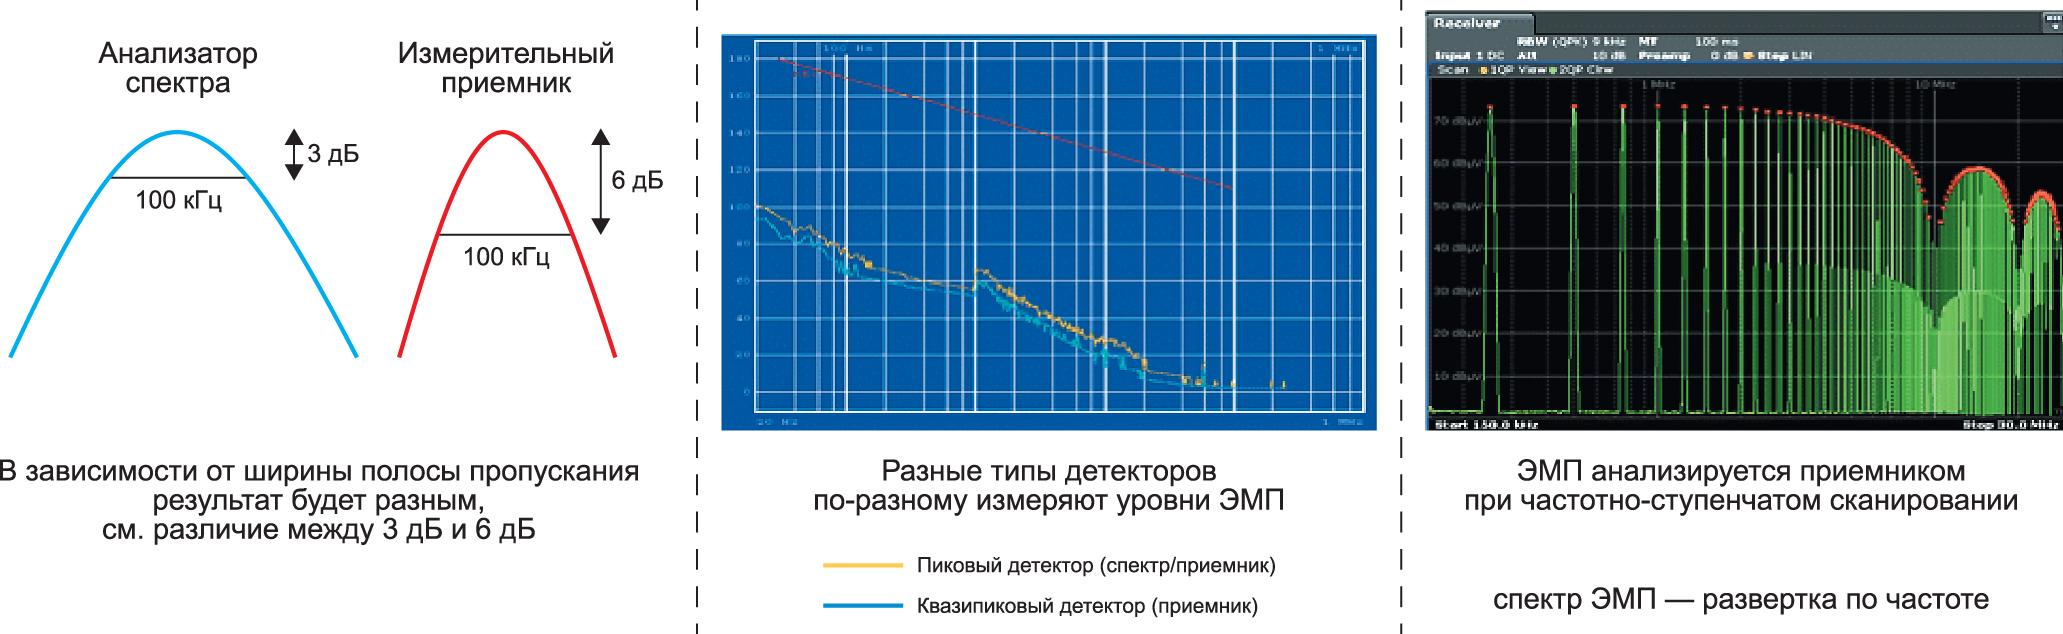 В режиме приемника анализаторы спектра могут имитировать работу более дорогостоящих измерительных приемников ЭМП, однако следует убедиться, что у вас имеется квазипиковый (QP) детектор, а также подходящая измерительная антенна